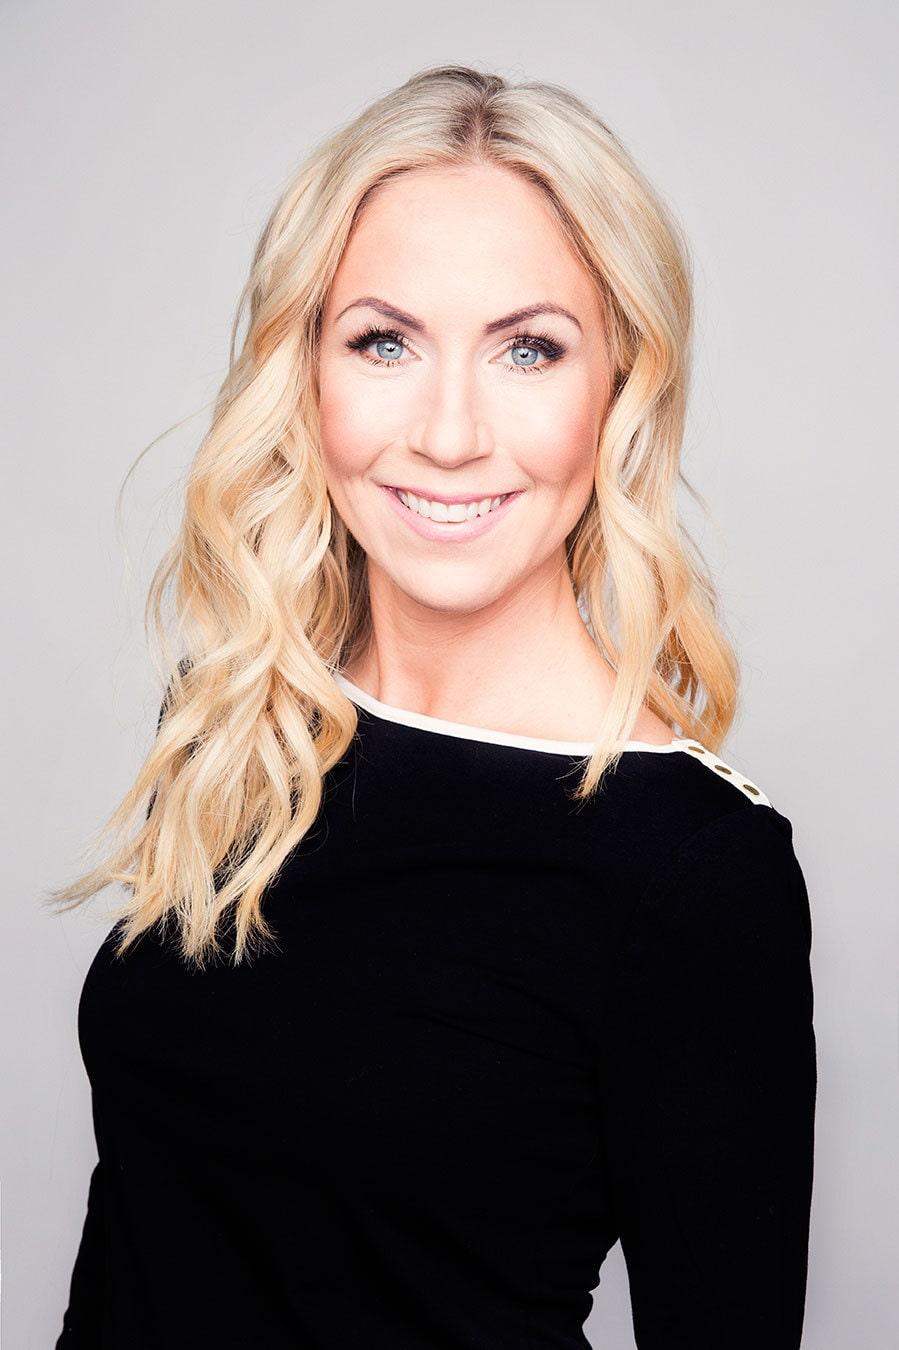 Annica Forsgren är utbildad hudterapeut och grundare av Skincity. Här tipsar hon om hur du vårdar hyn i sommar.